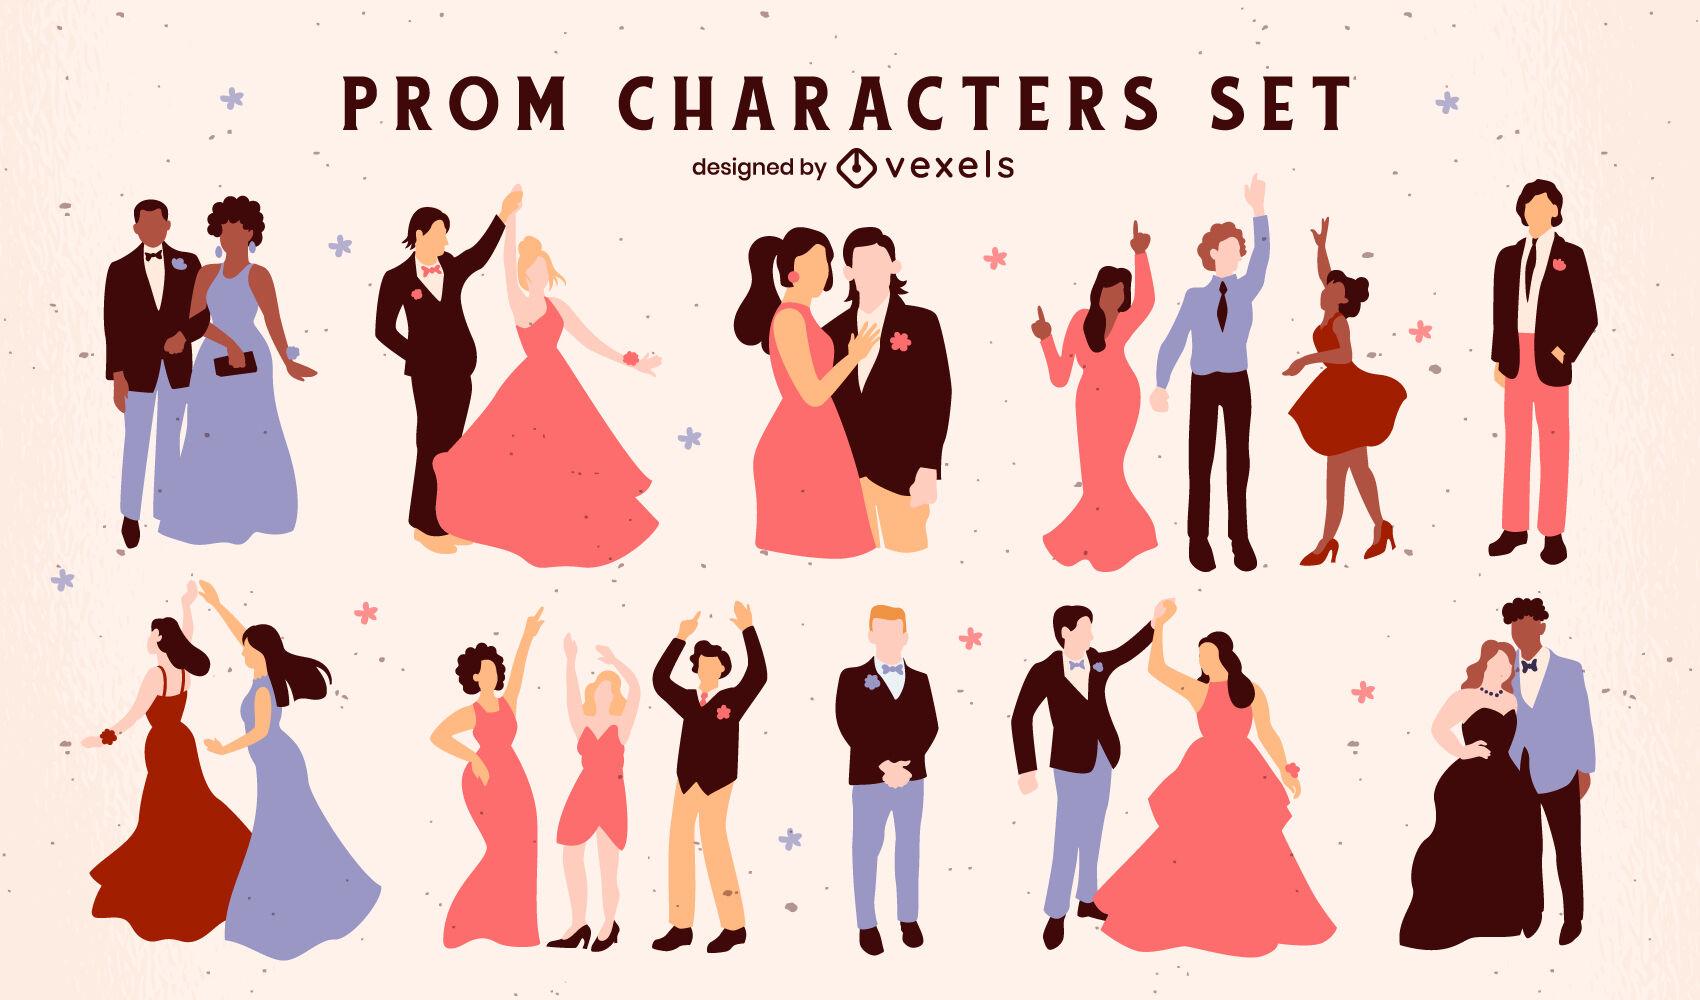 Personajes de fiesta de graduaci?n en conjunto de vestido formal